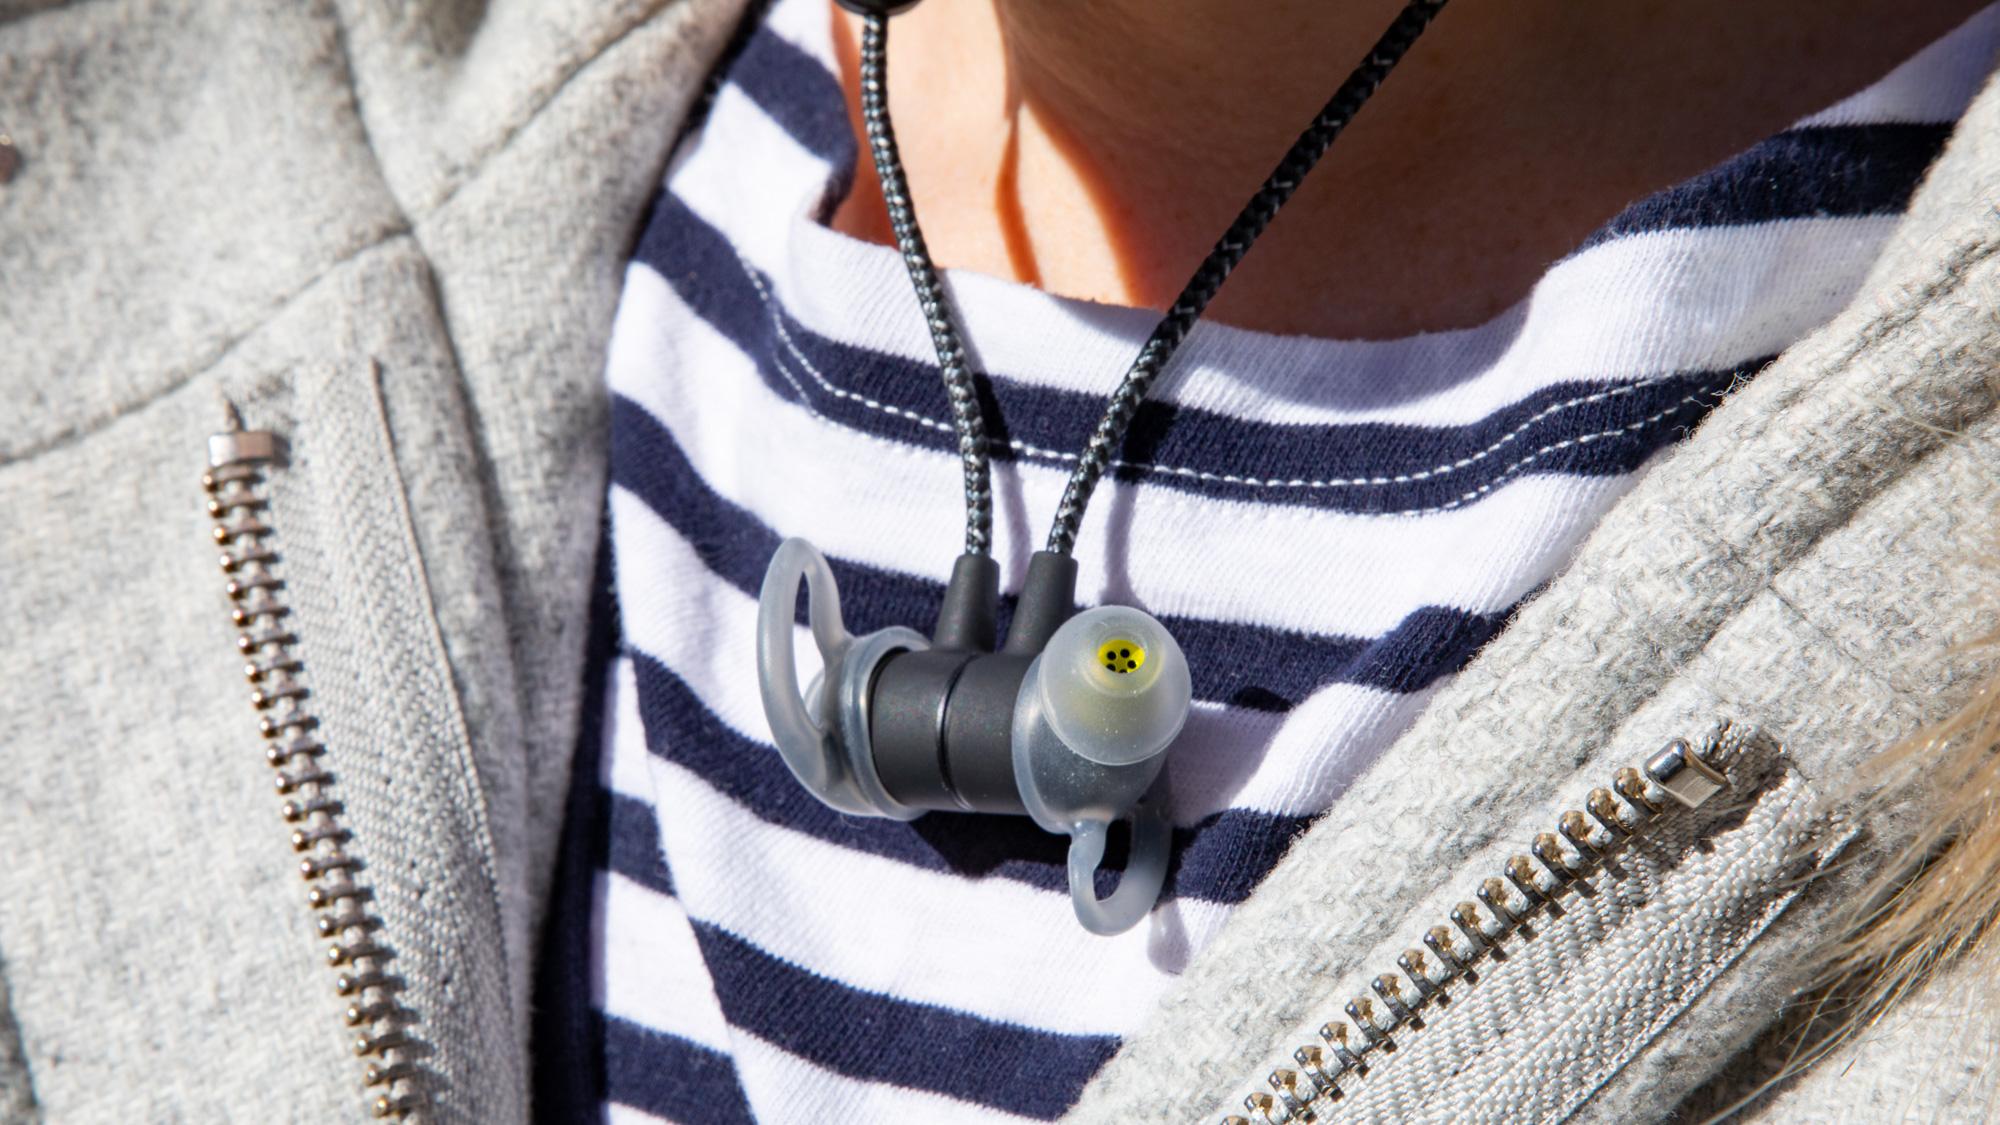 Melhores fones de ouvido esportivos: Jaybird Tarah Pro